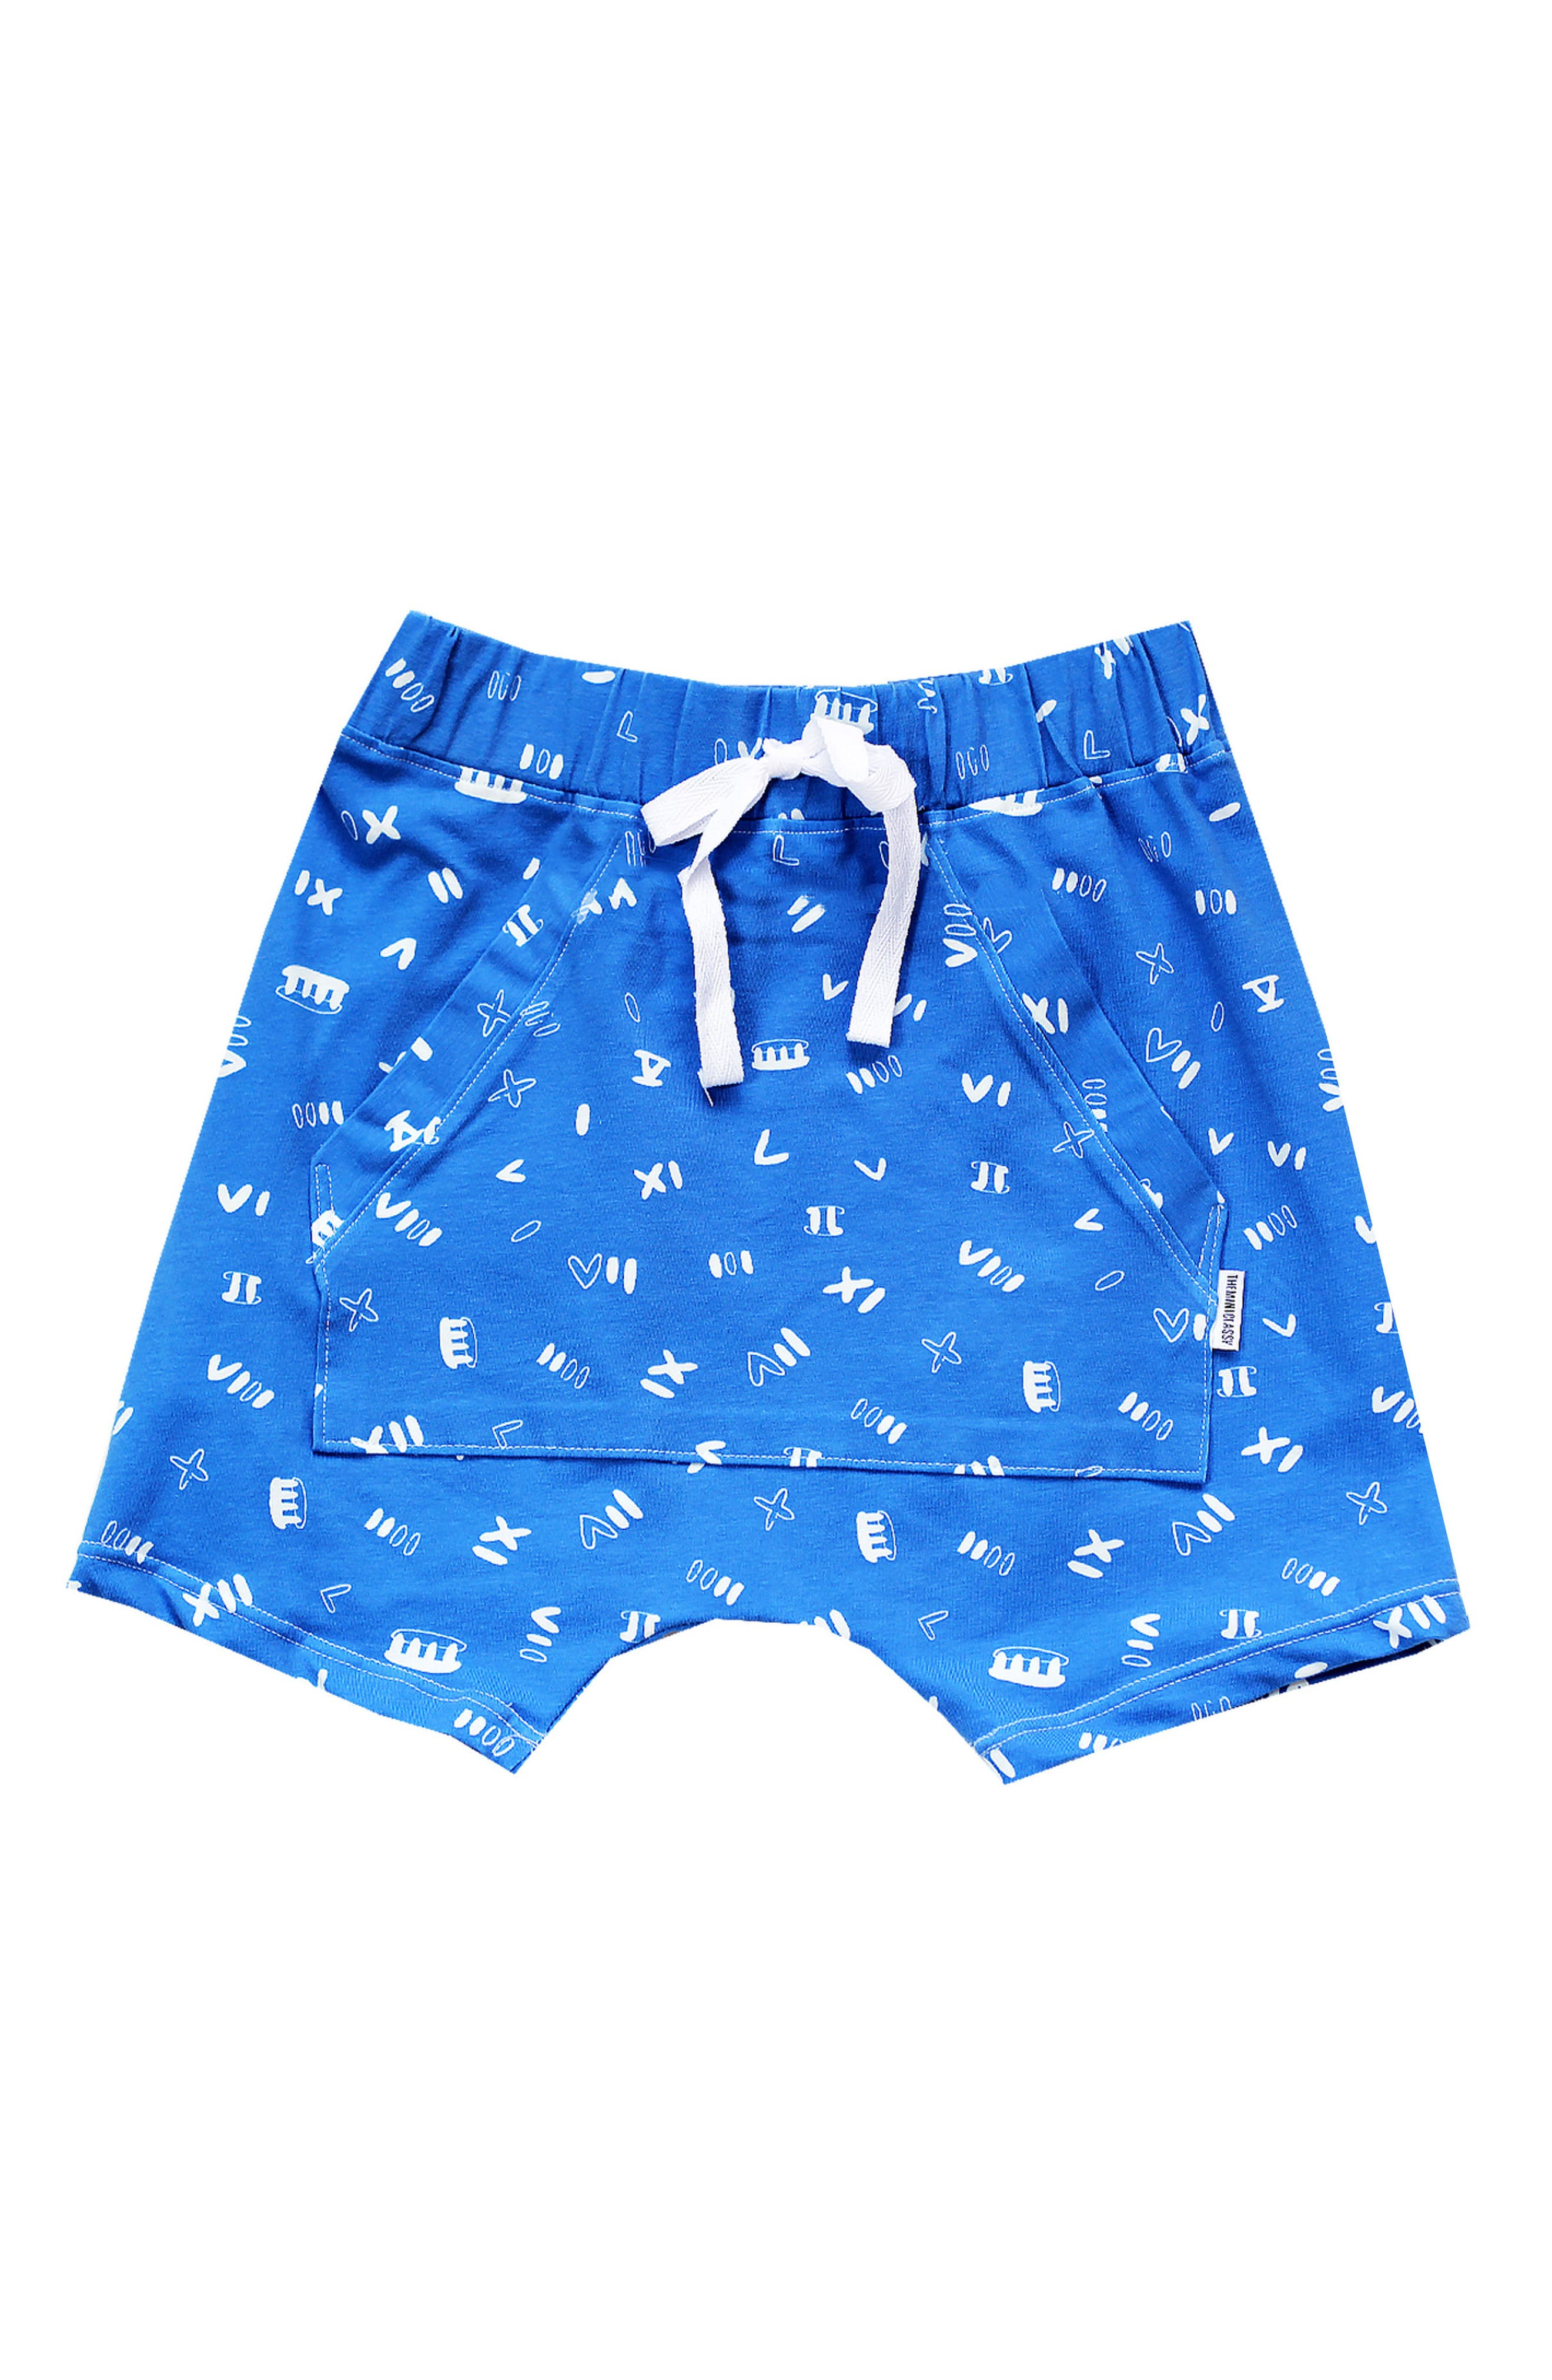 Roman Noodle Shaolin Shorts,                         Main,                         color, Blue/ White